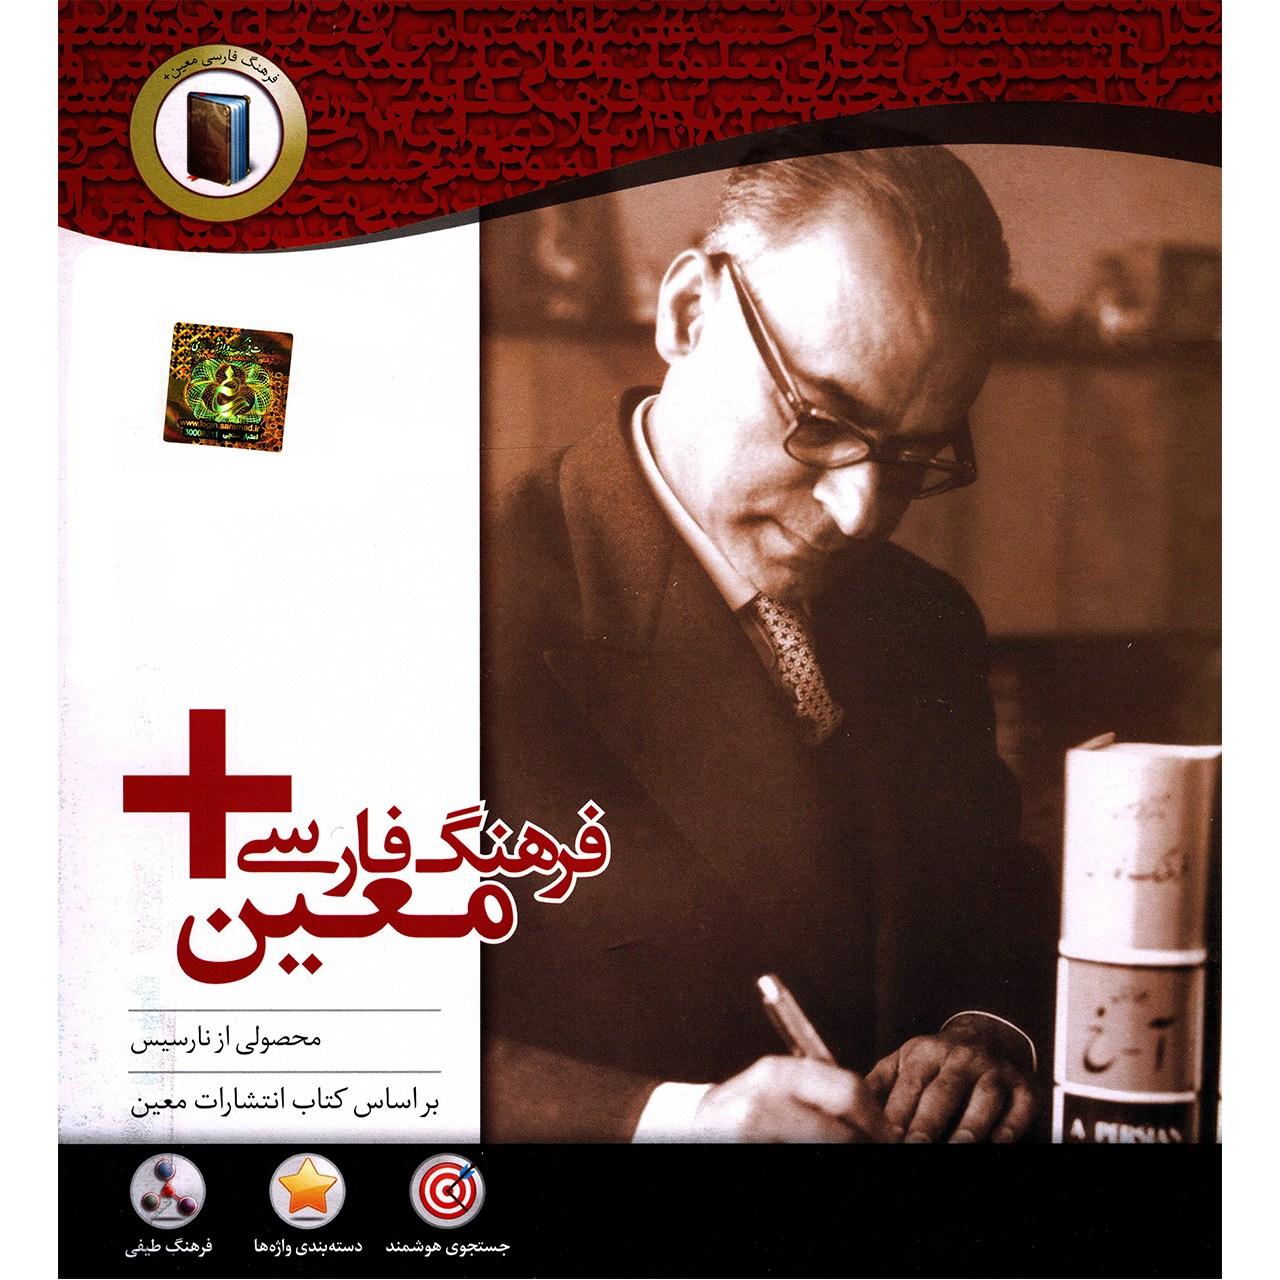 مجموعه نرم افزار فرهنگ فارسی معین